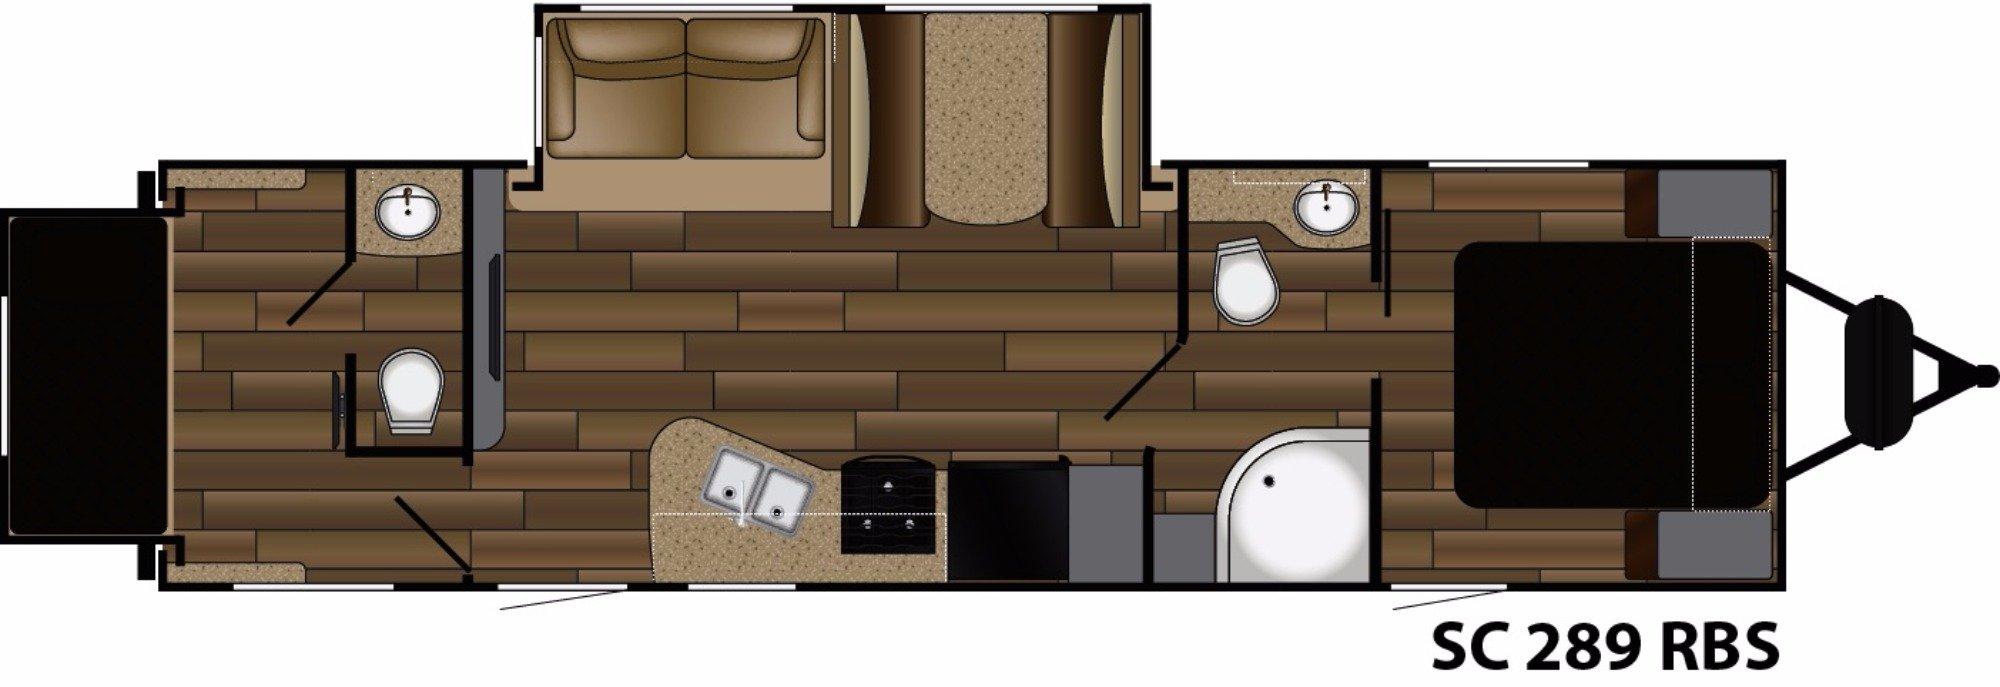 View Floor Plan for 2018 CRUISER RV SHADOW CRUISER 289RBS